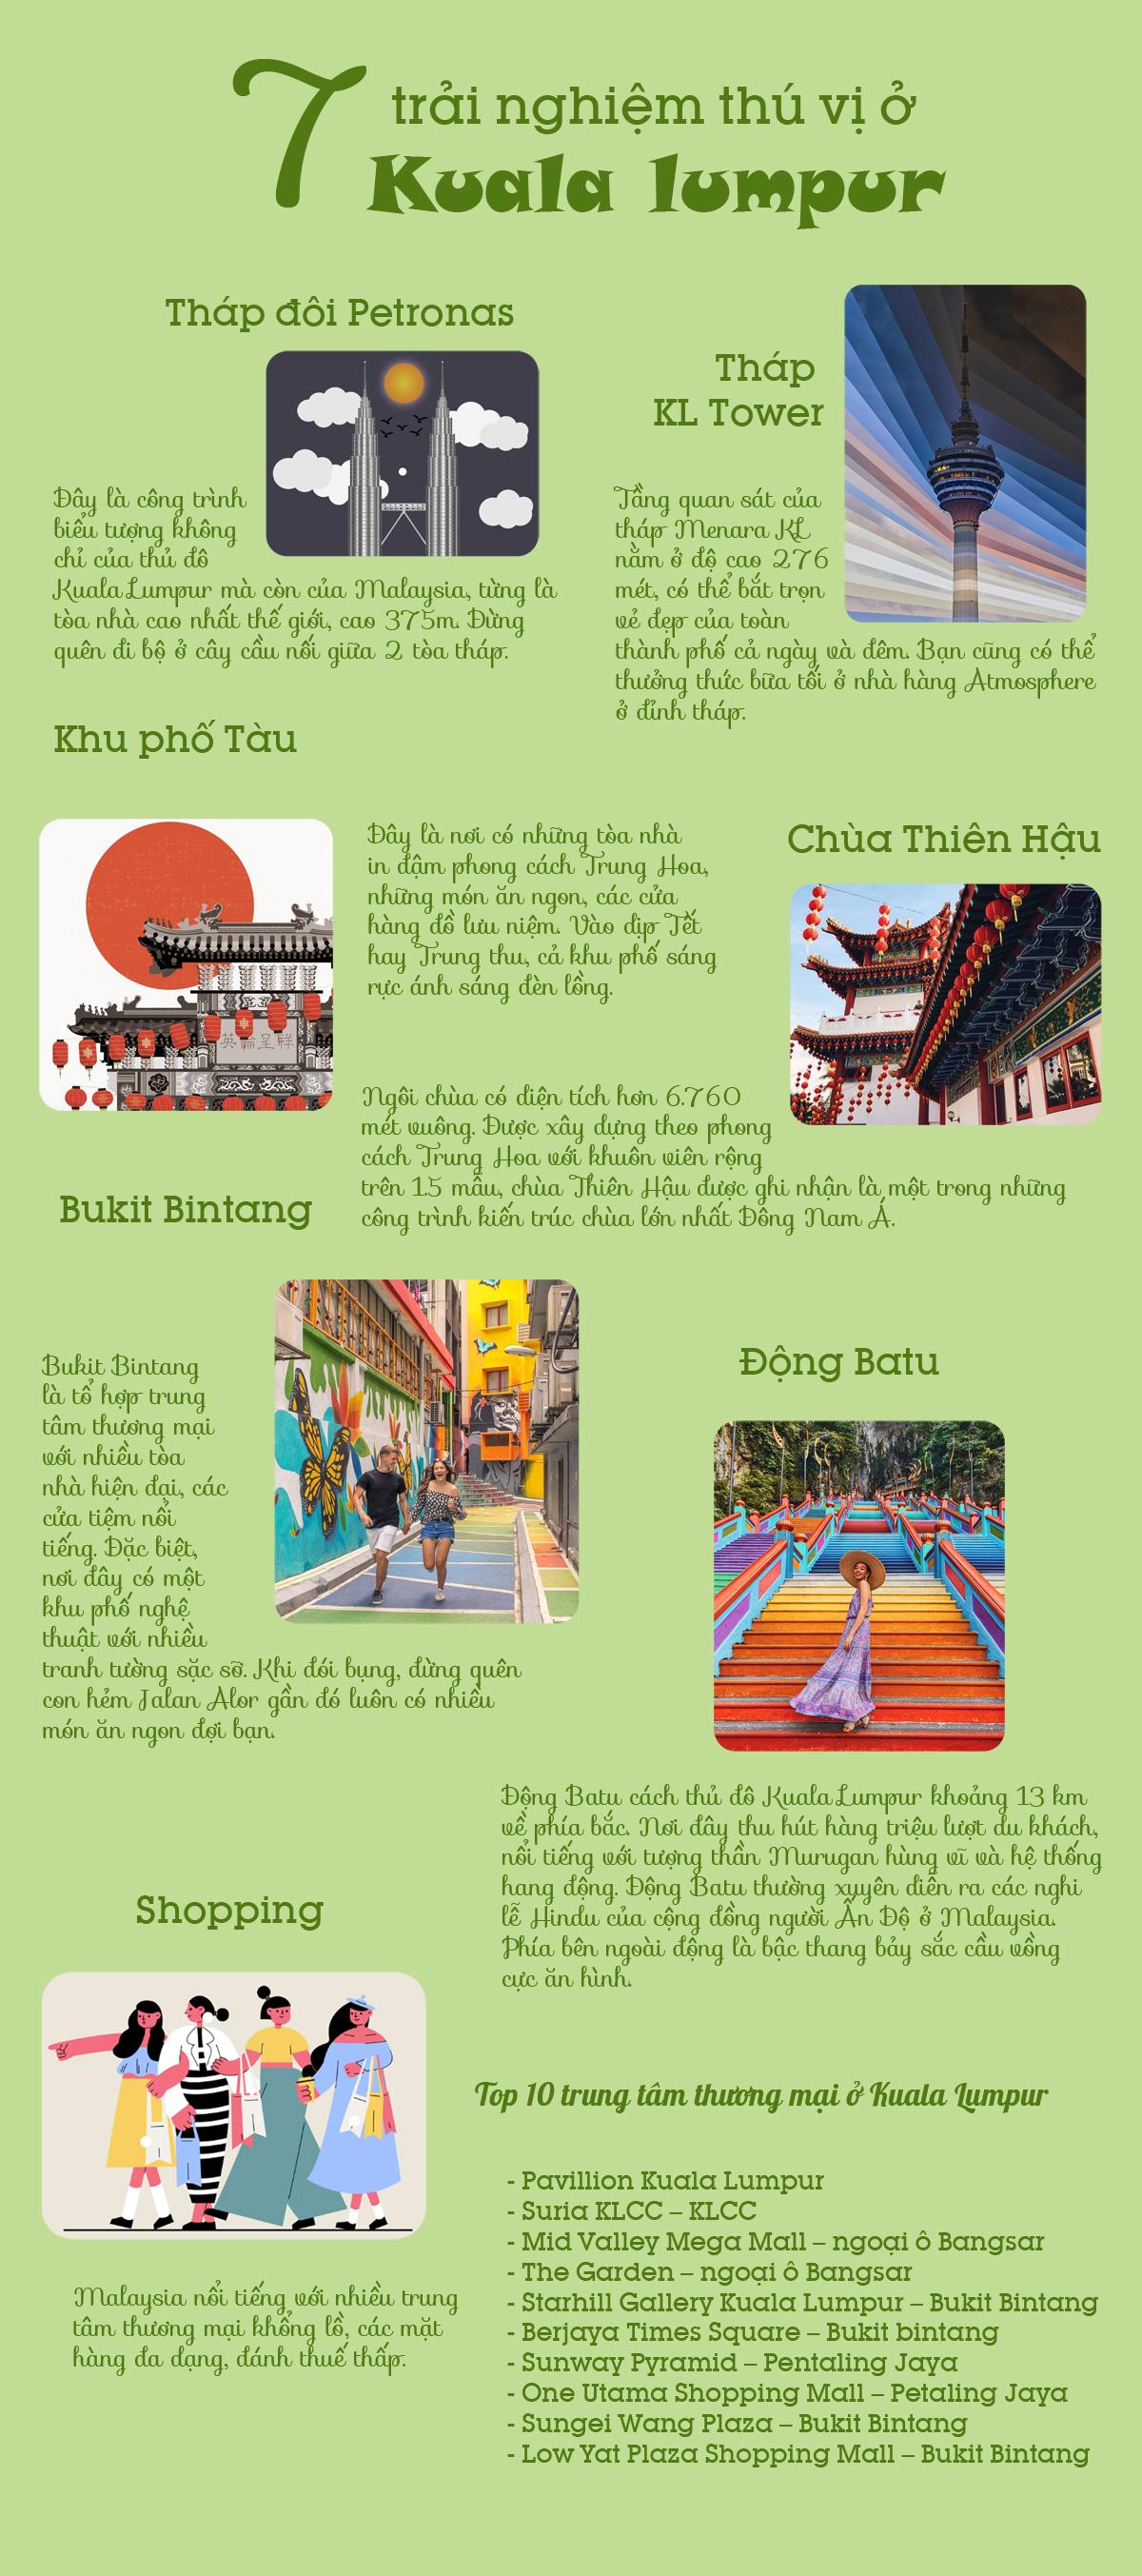 7 trải nghiệm thú vị ở Kuala Lumpur.